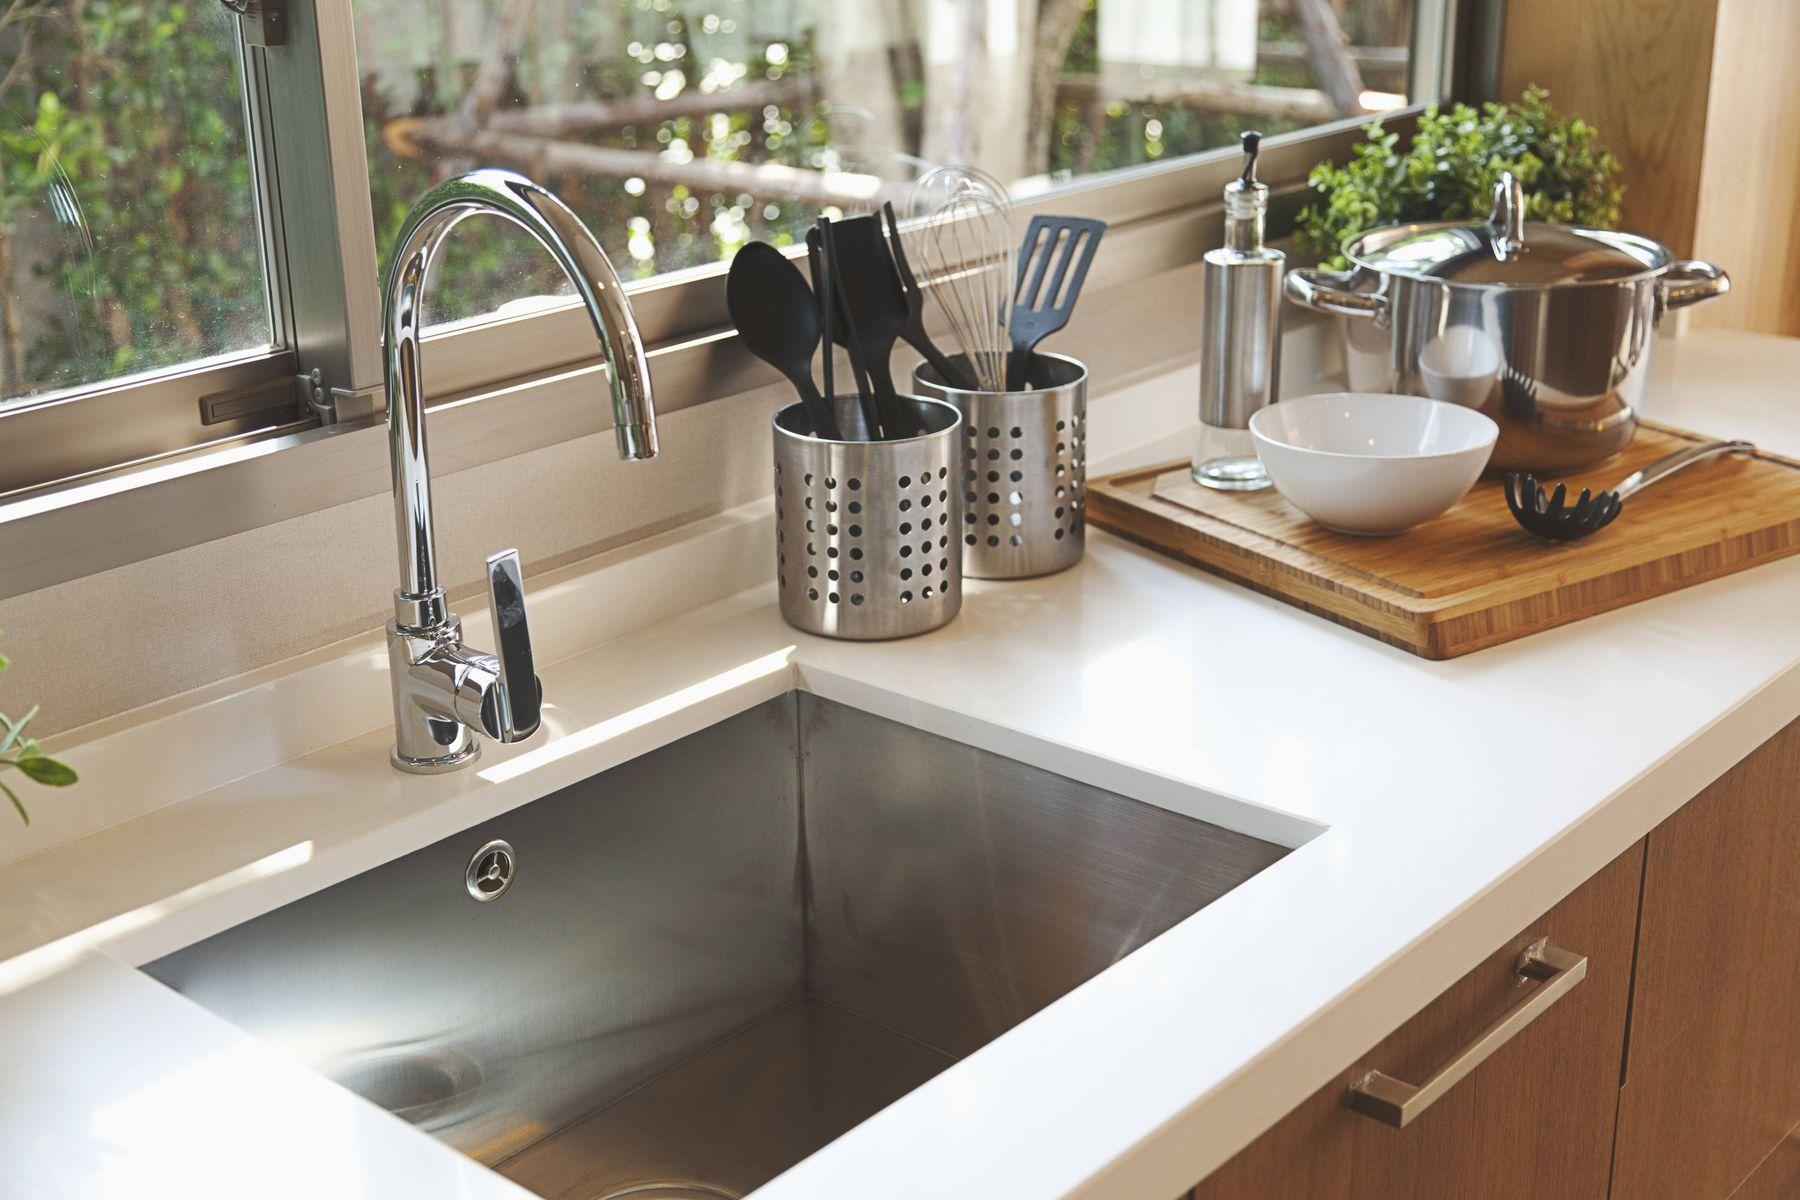 Không cần hóa chất tẩy rửa, 5 cách này giúp bạn vệ sinh đồ dùng hiệu quả hơn